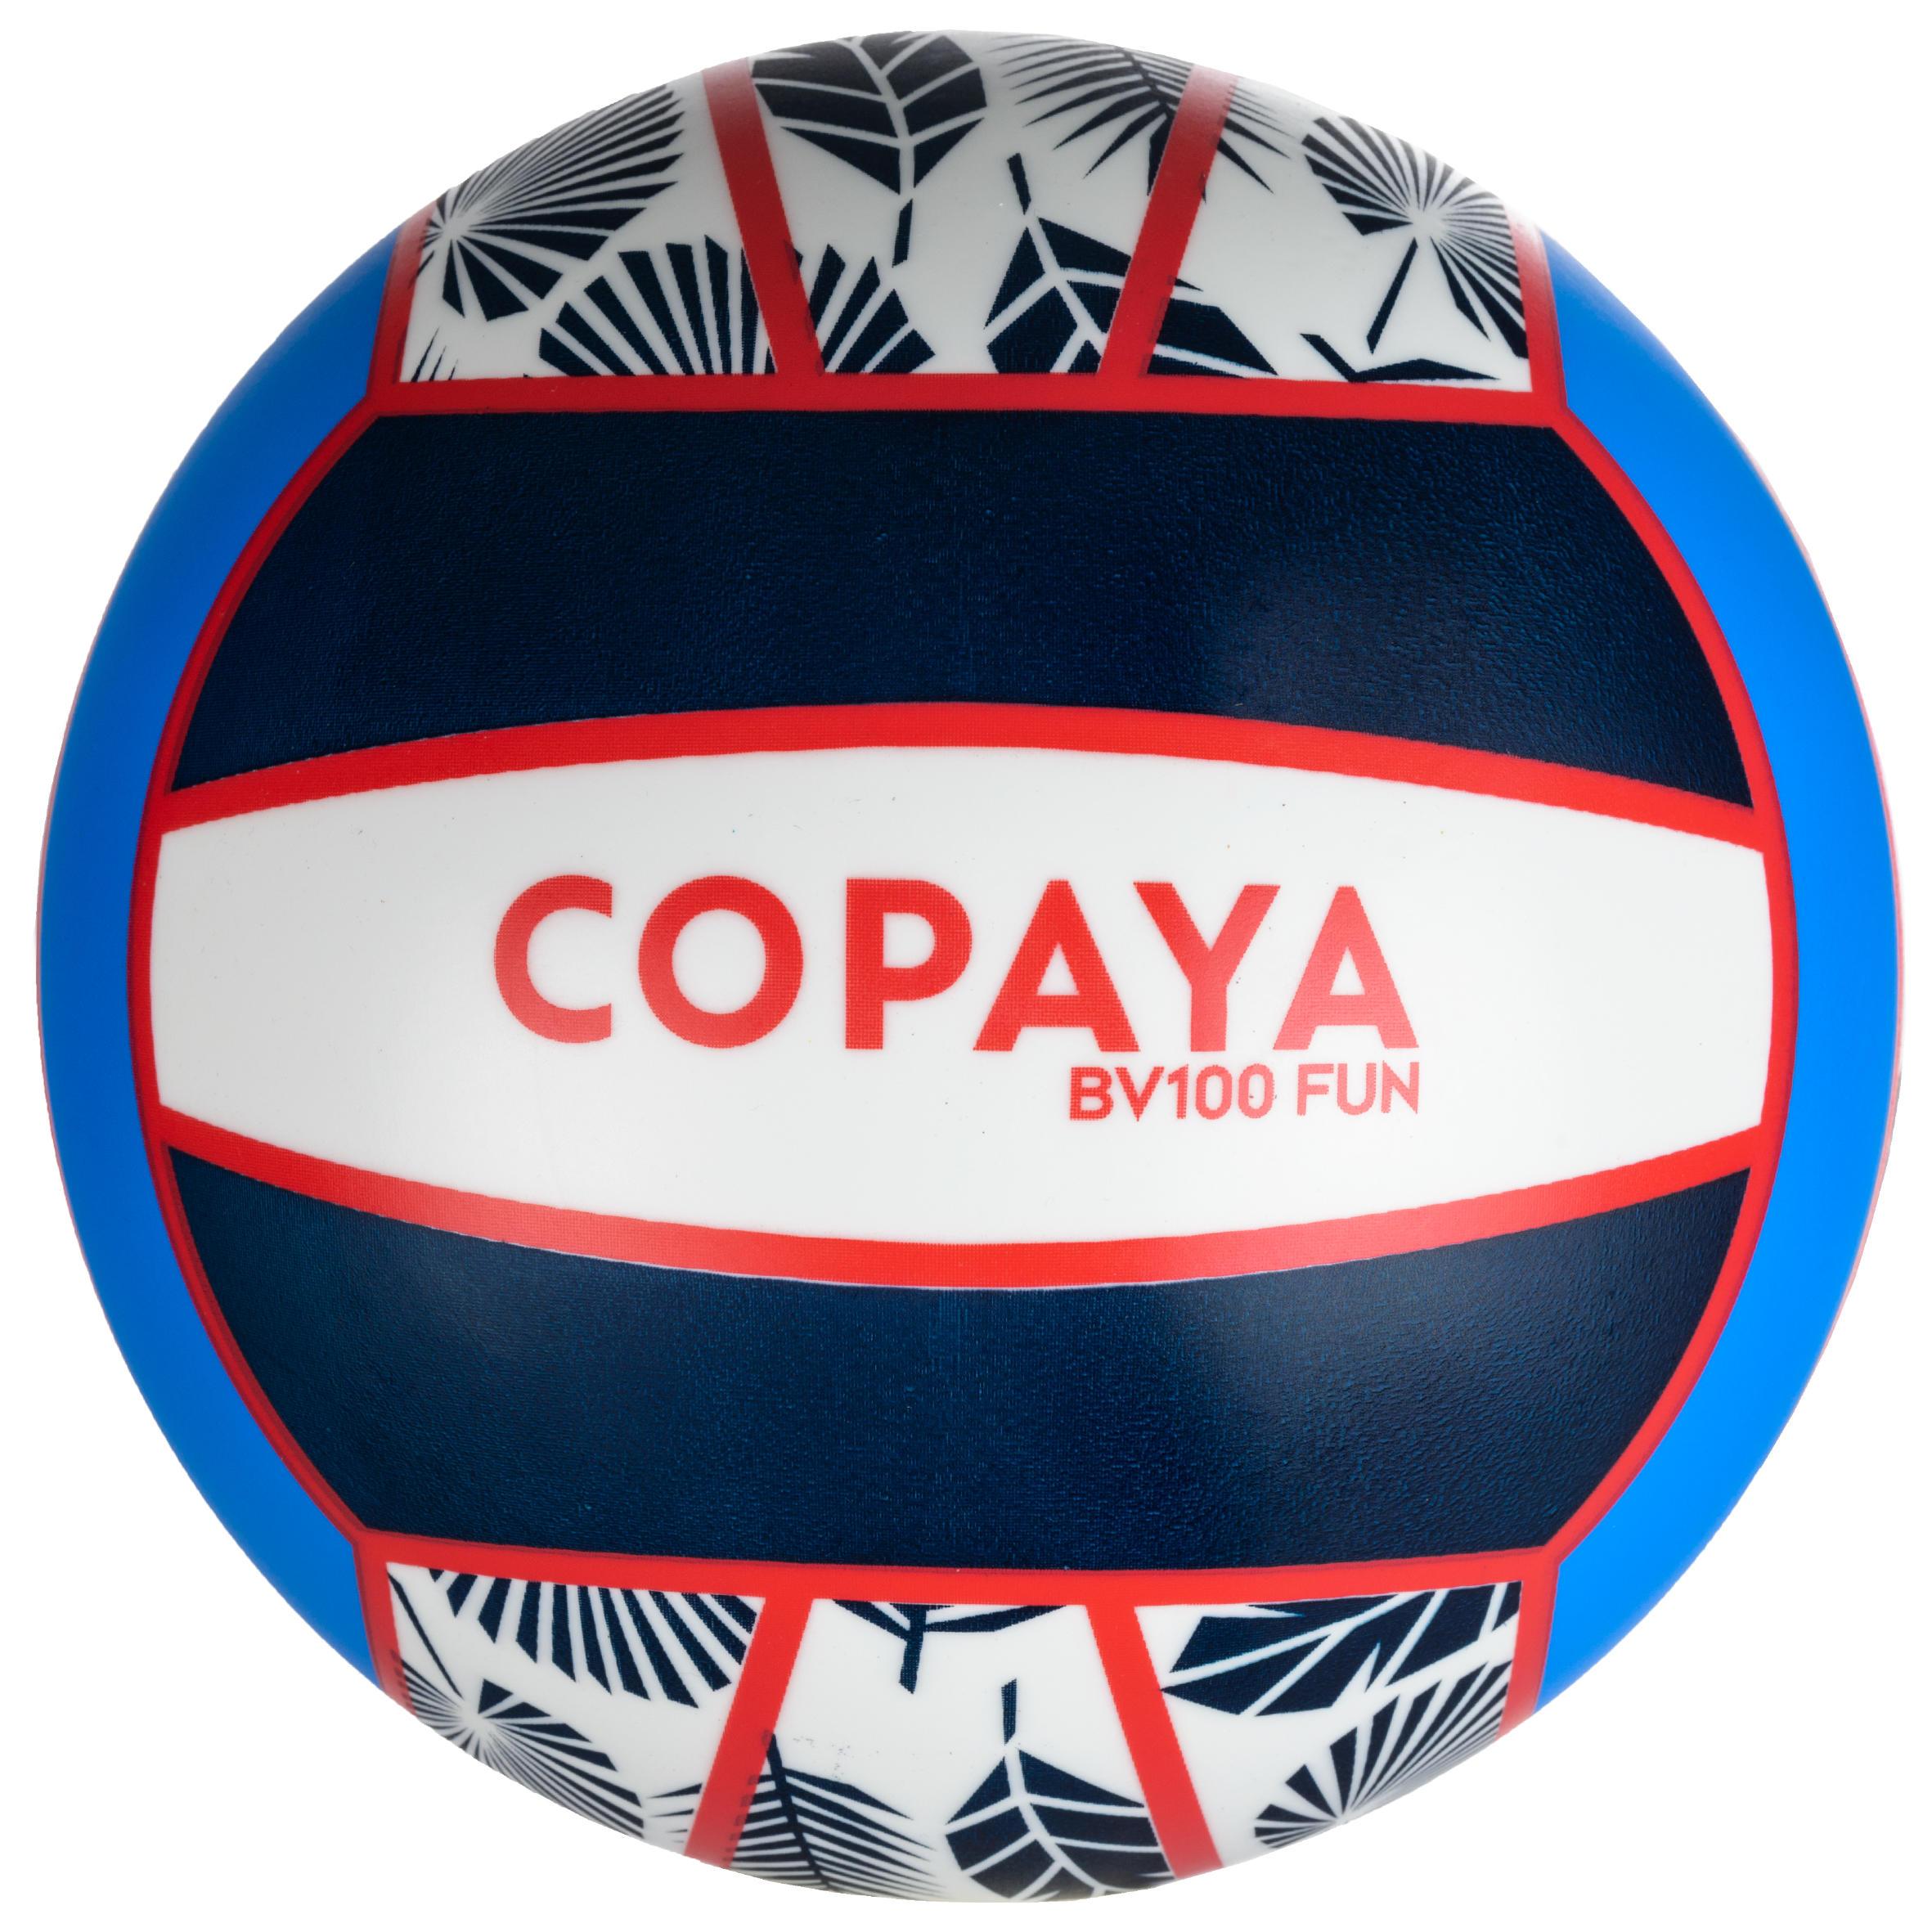 Copaya Beachvolleybal BV100 fun